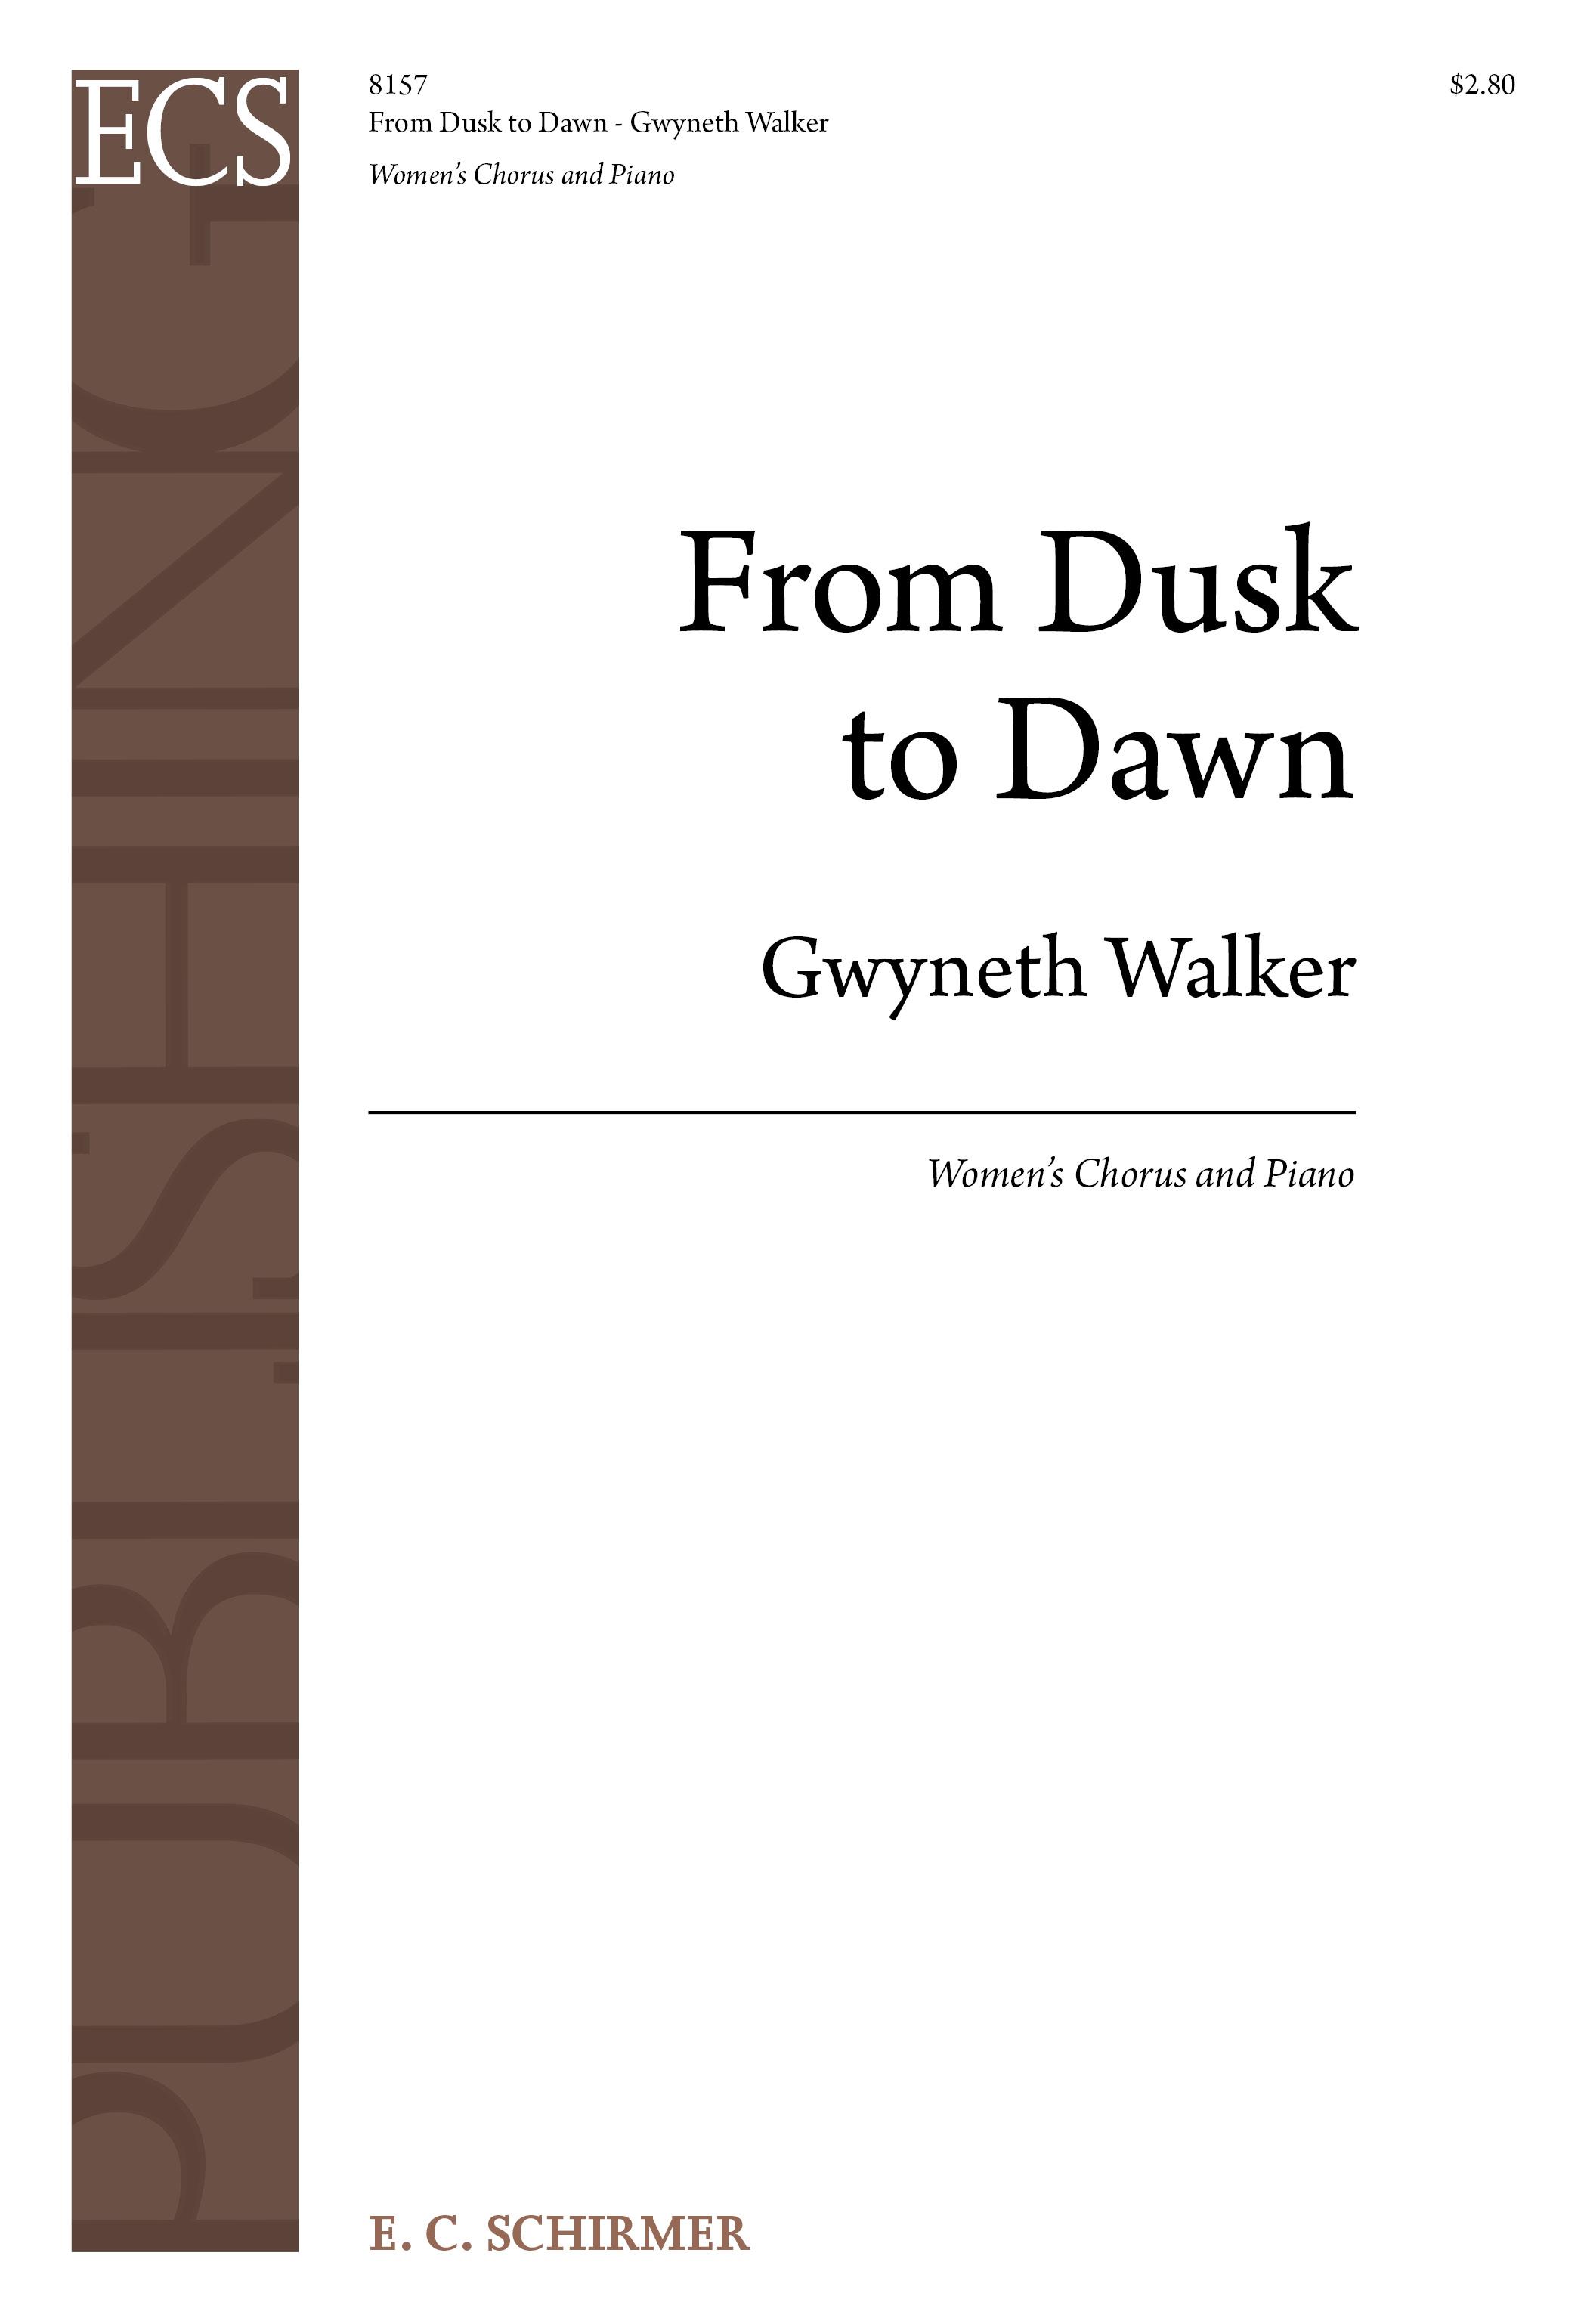 From Dusk to Dawn : SSA : Gwyneth Walker : Gwyneth Walker : Sheet Music : 8157